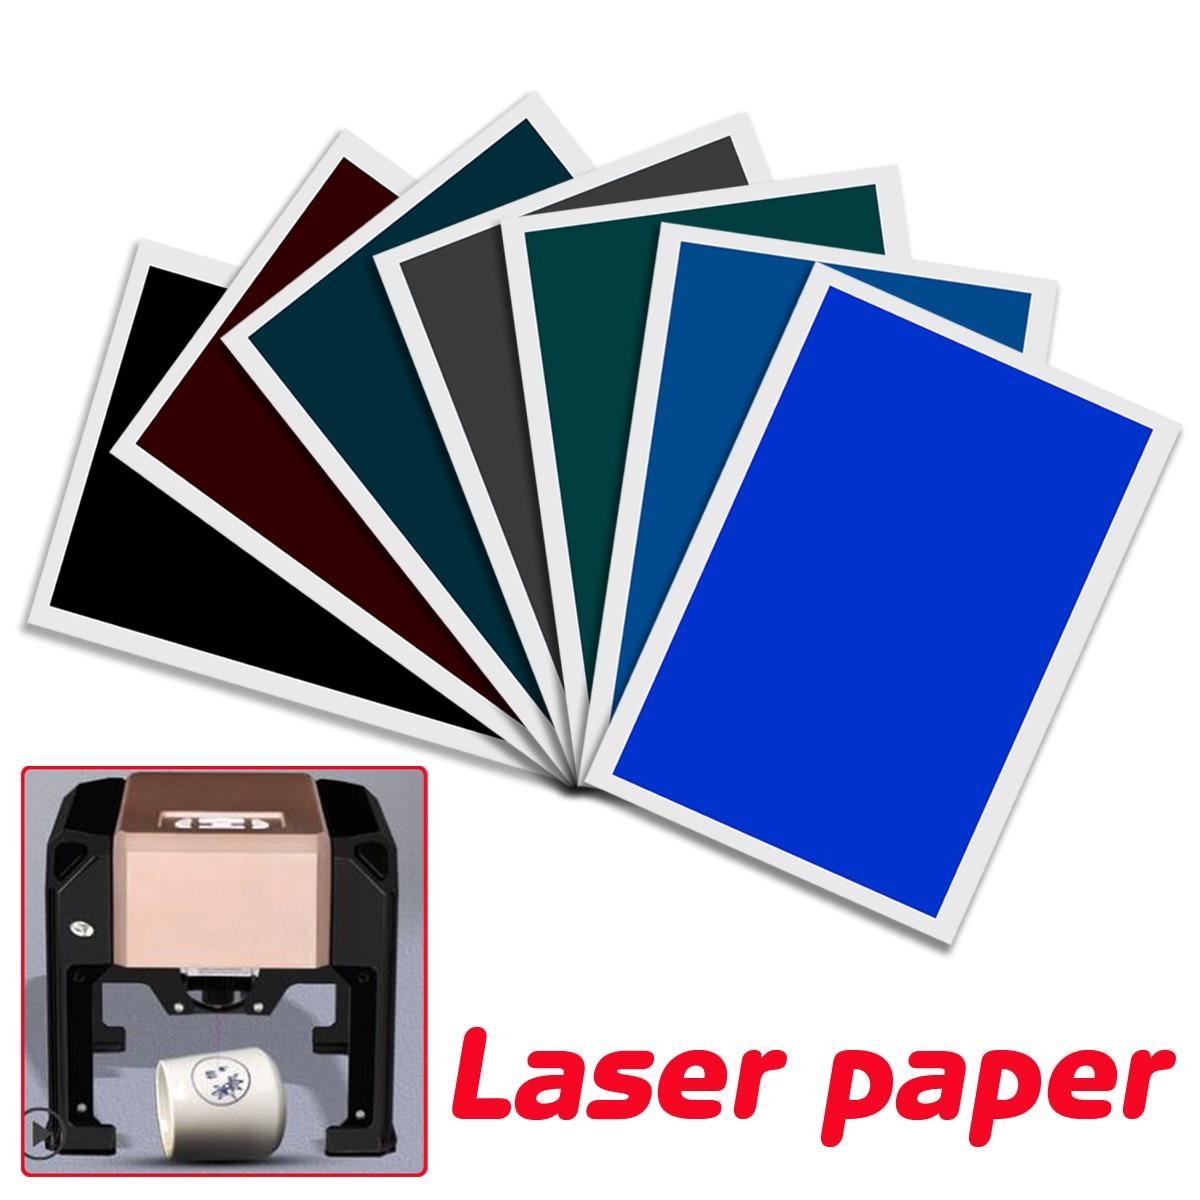 39 CM * 27 CM Schwarz/Grau/Blau/Grün/Braun/Blau/Navy Keramik Laser papier Für CNC Laser Gravur MachineLogo Mark Drucker Cutter